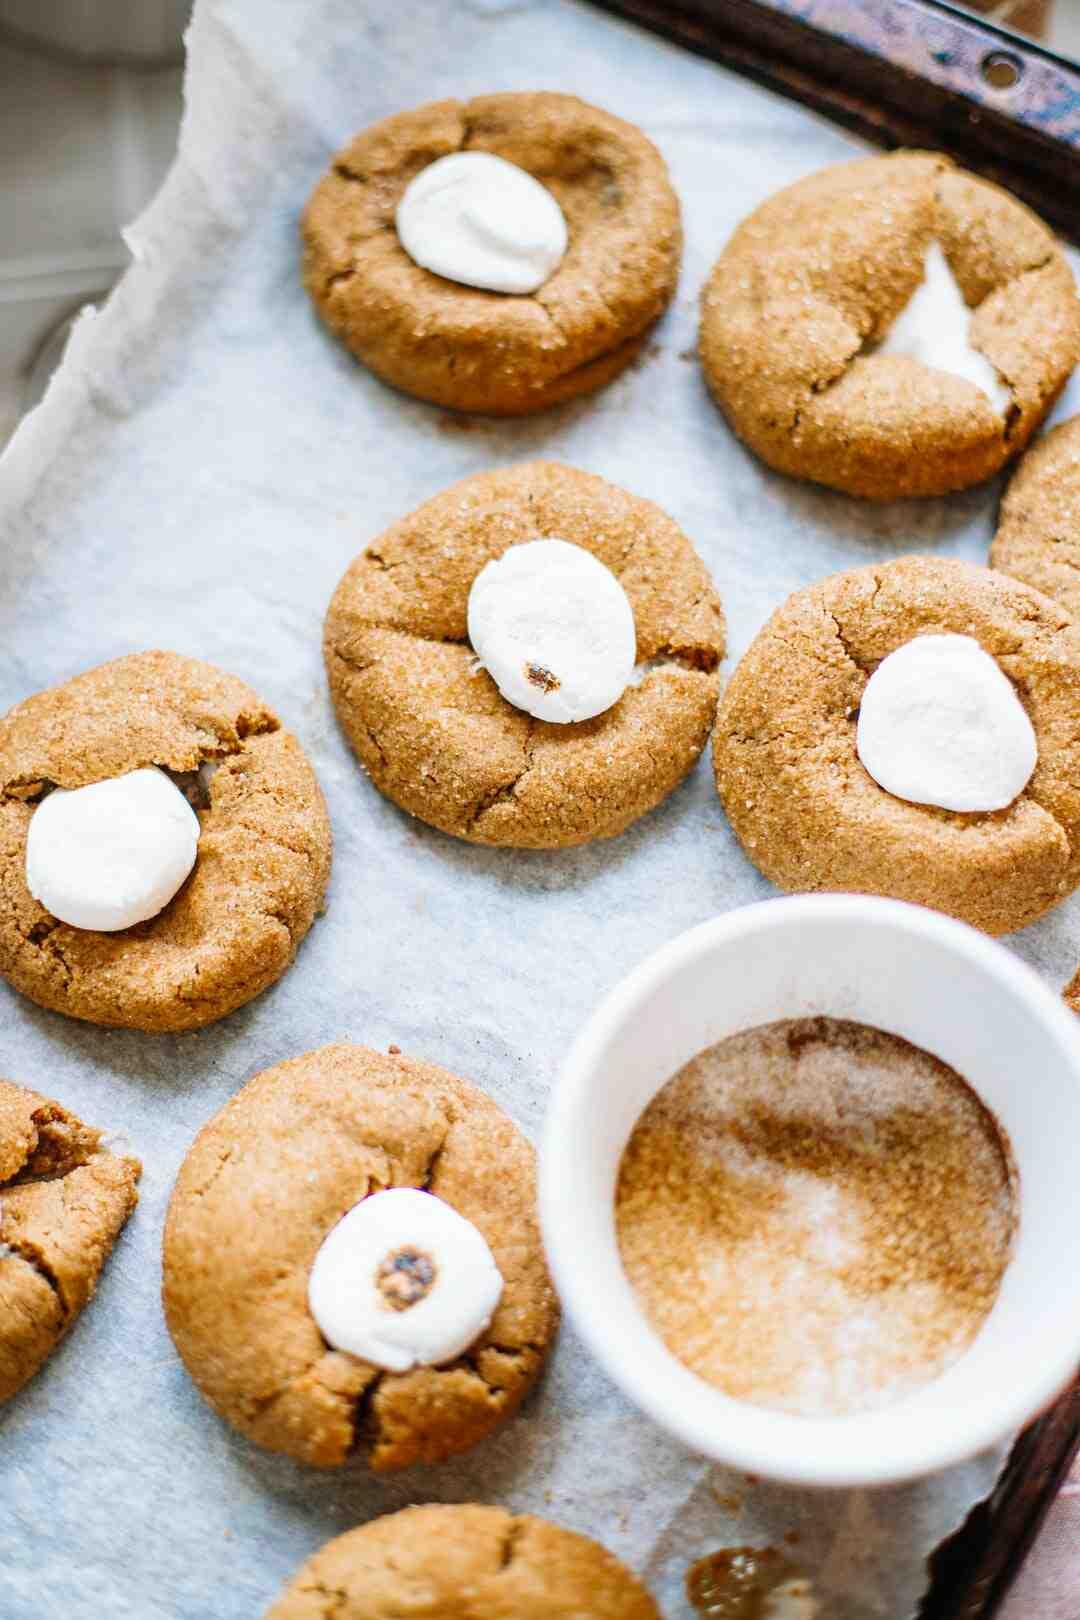 Comment savoir si mes cookies sont cuit ?